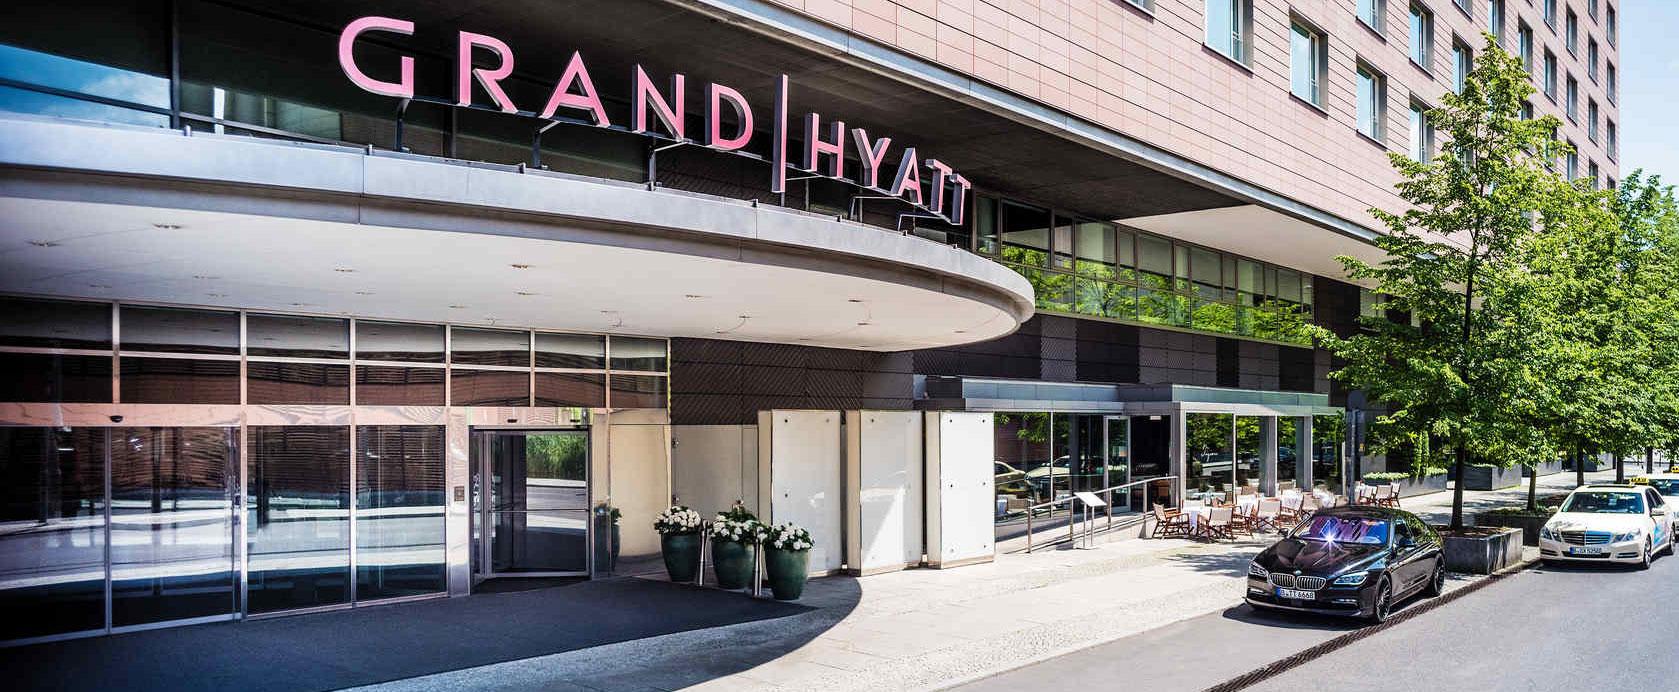 GrandHyatt-Berlin